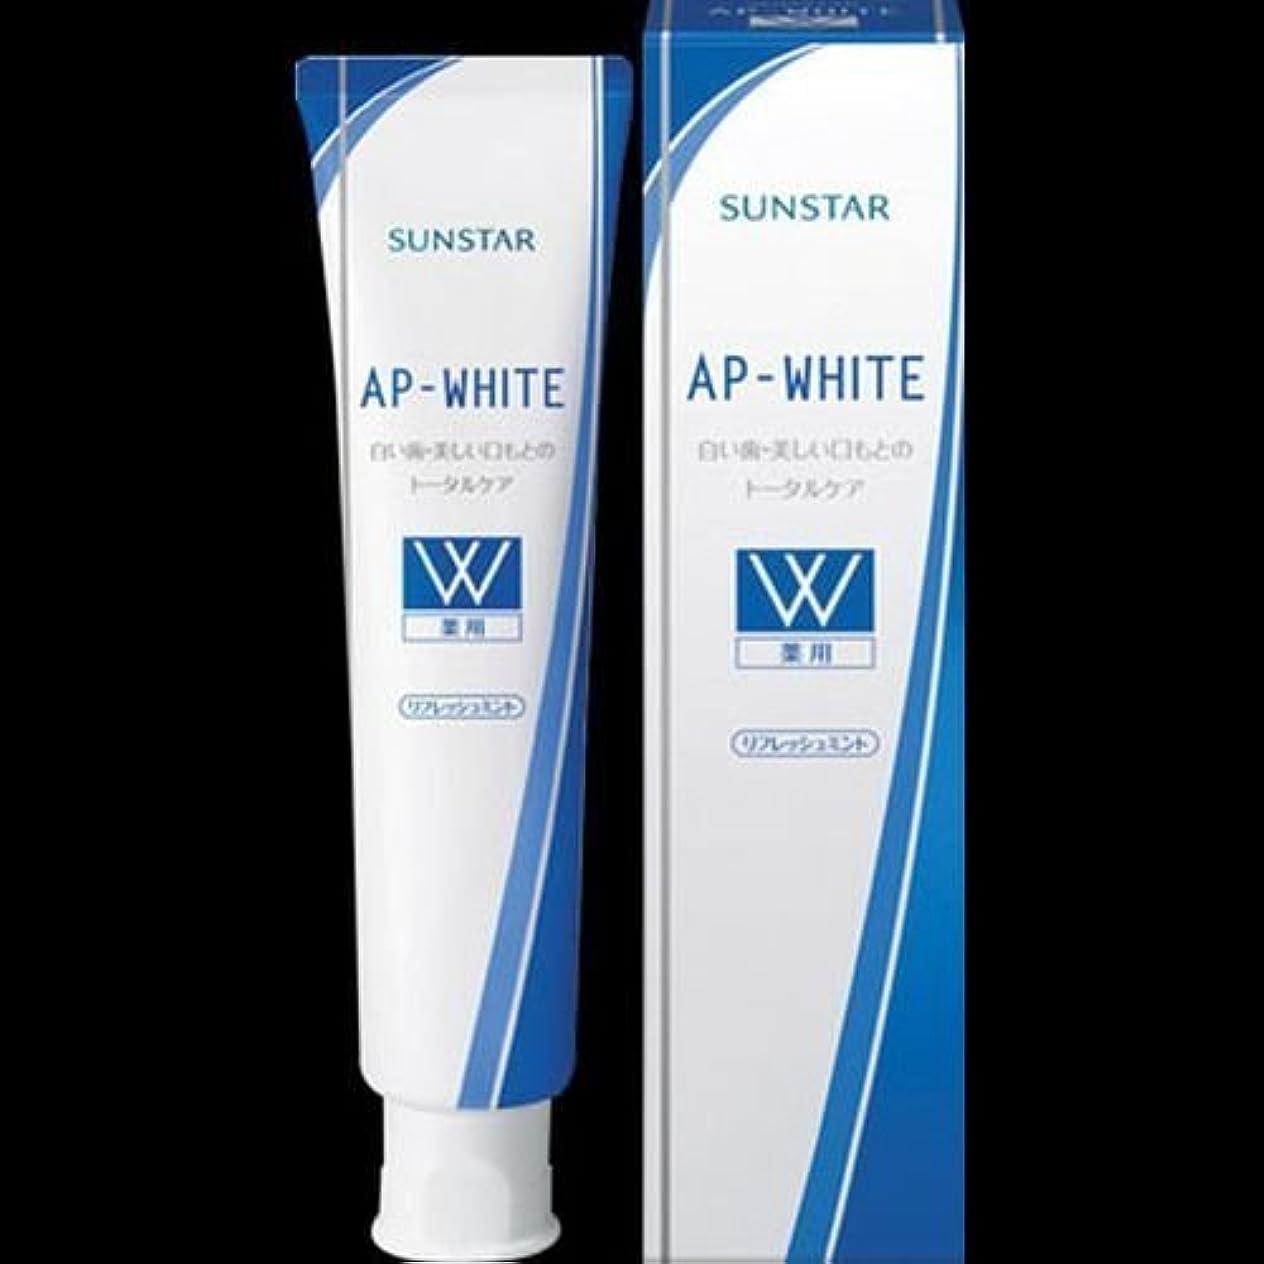 ダブルペグインシデント【まとめ買い】薬用APホワイトペースト リフレッシュミント 110g ×2セット